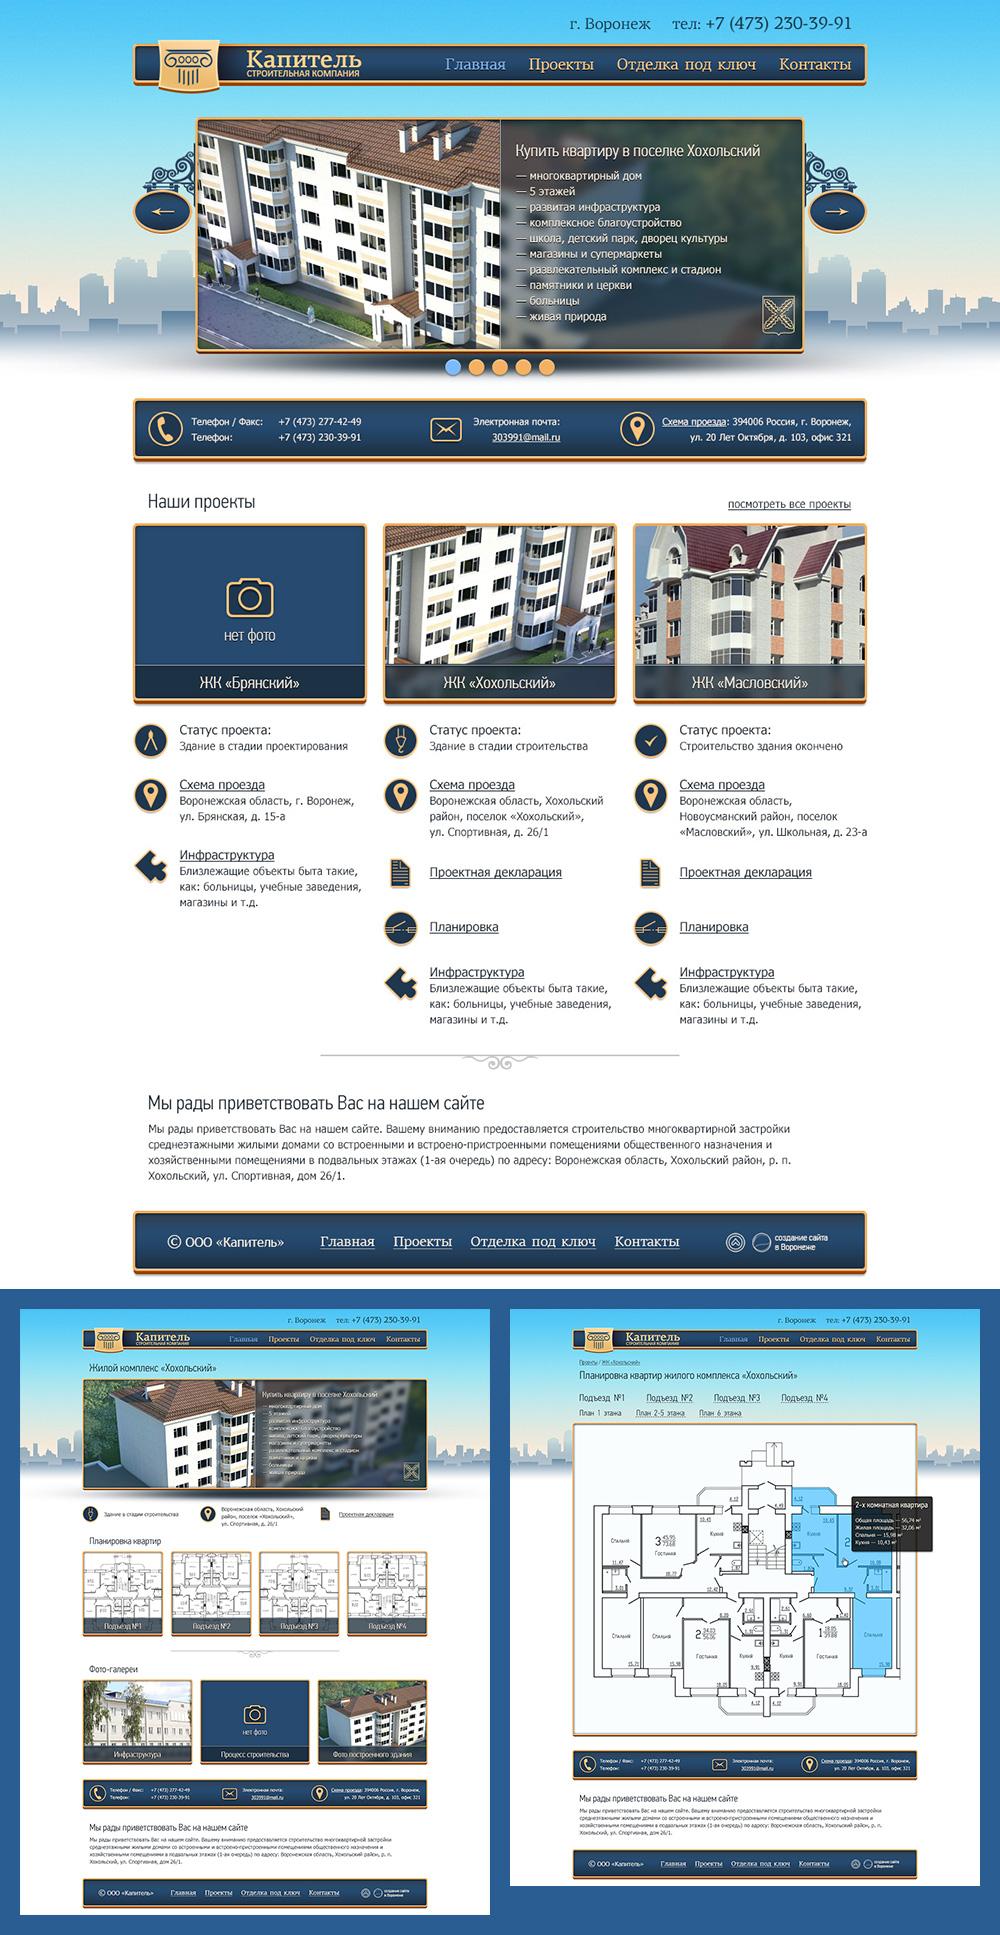 Капитель — строительная компания